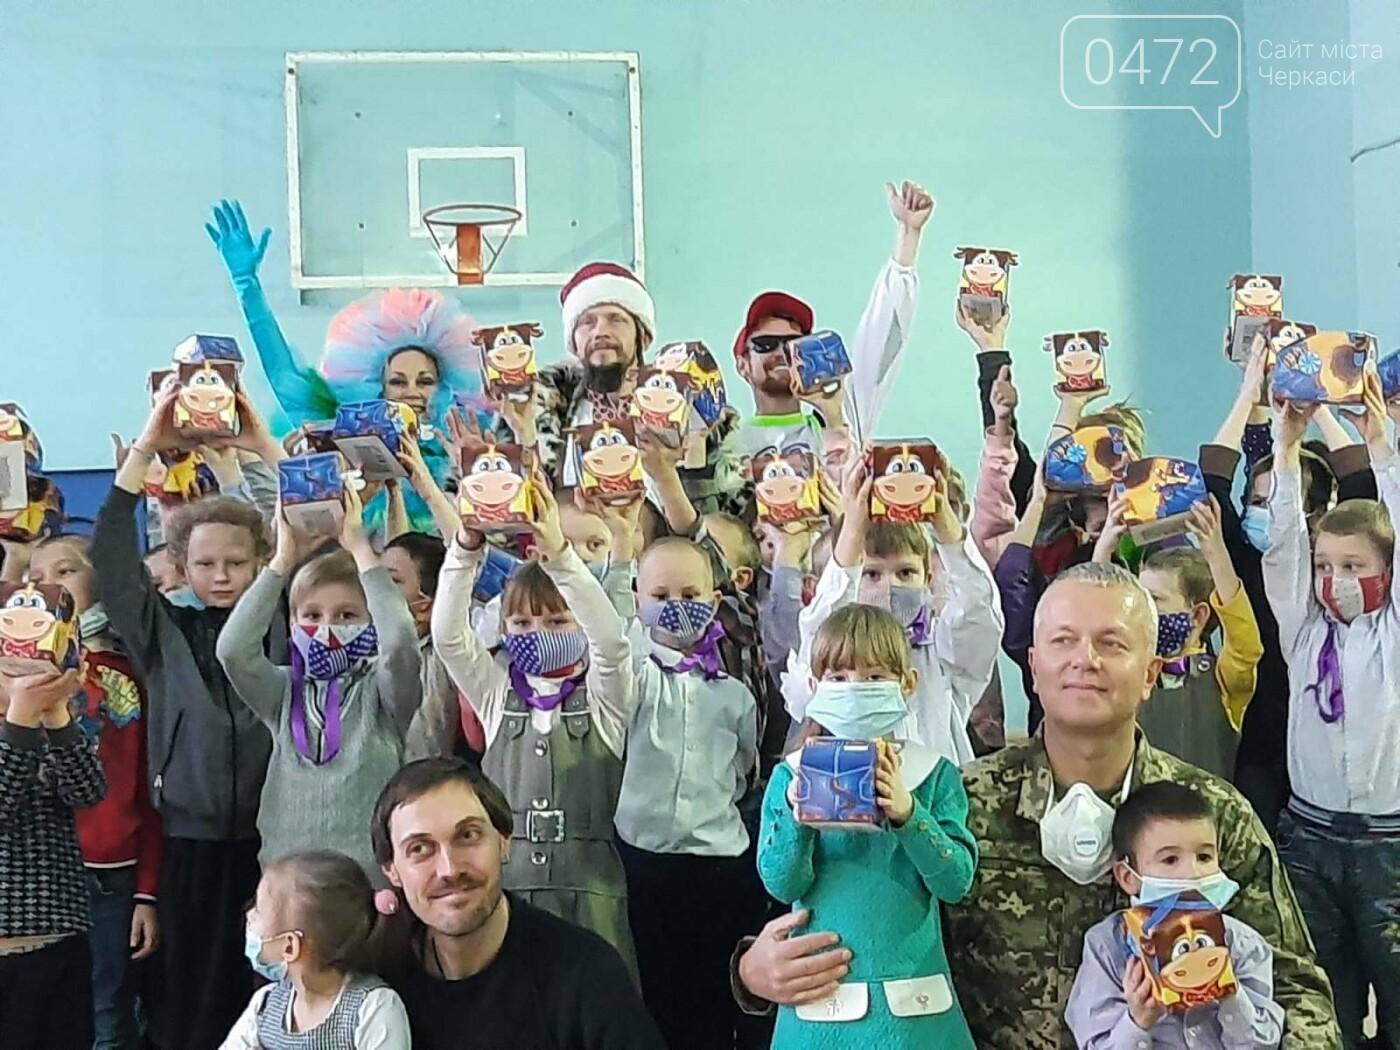 Святкове диво: «АТБ» допомагає тисячам українських родин потішити дитину в день Святого Миколая, фото-4